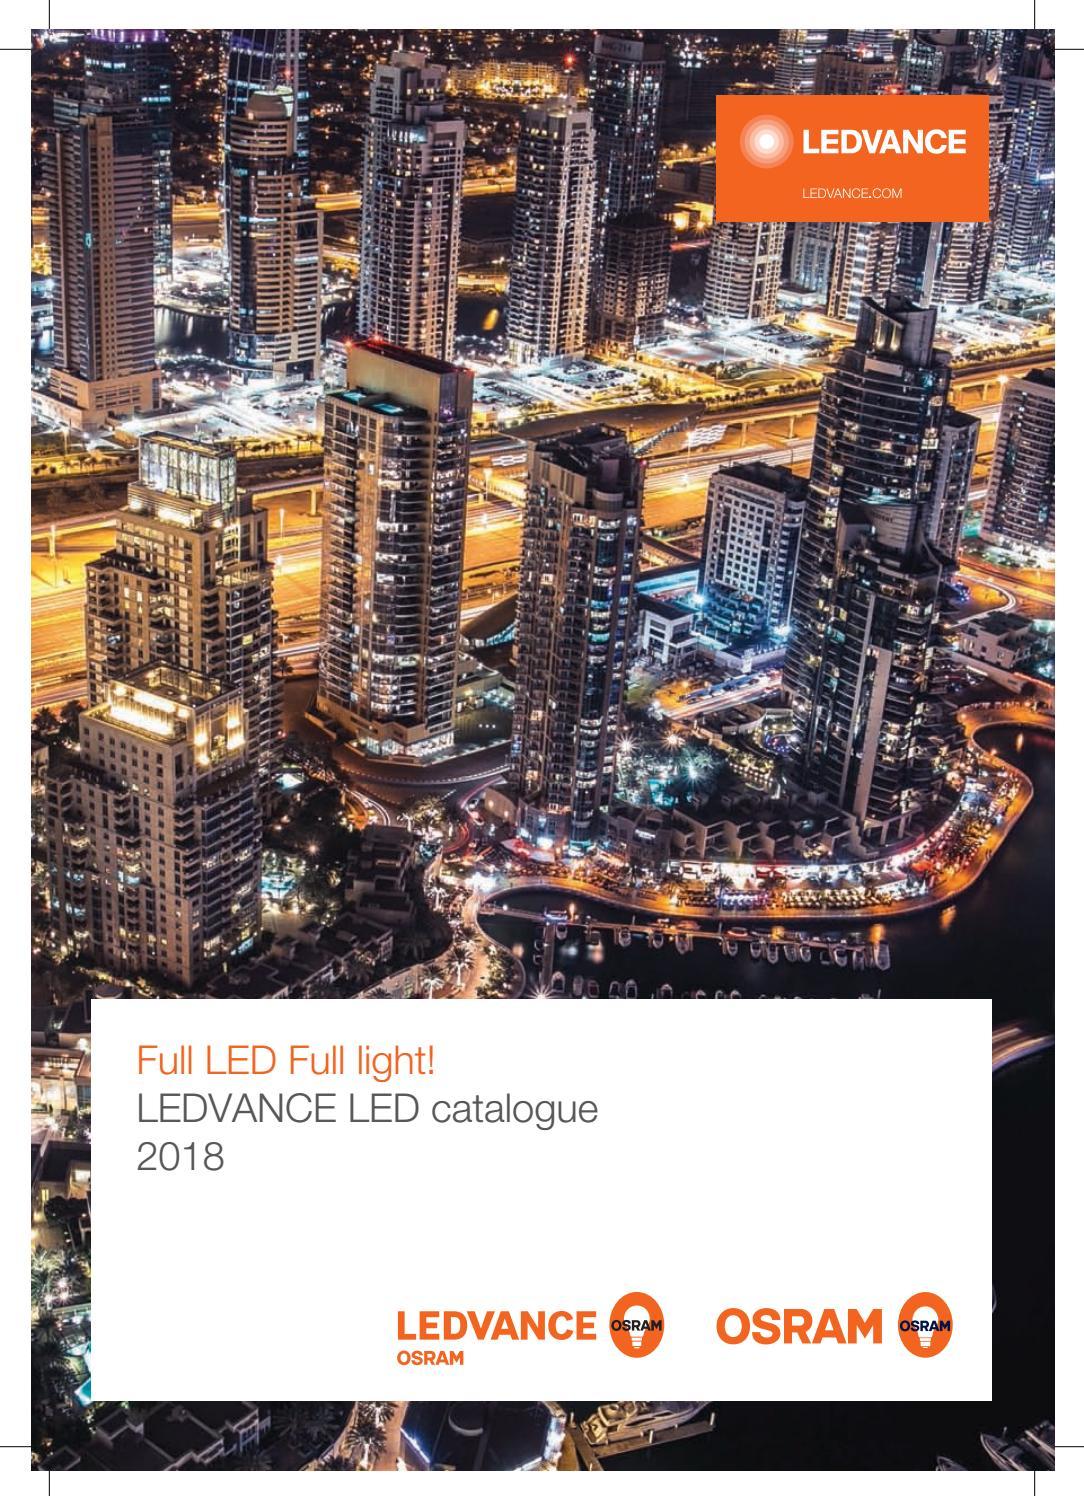 Osram Ledvance Catalogue 2018 By Led World Issuu 2014 Hot Tube Circuit 4ft Light Diagram